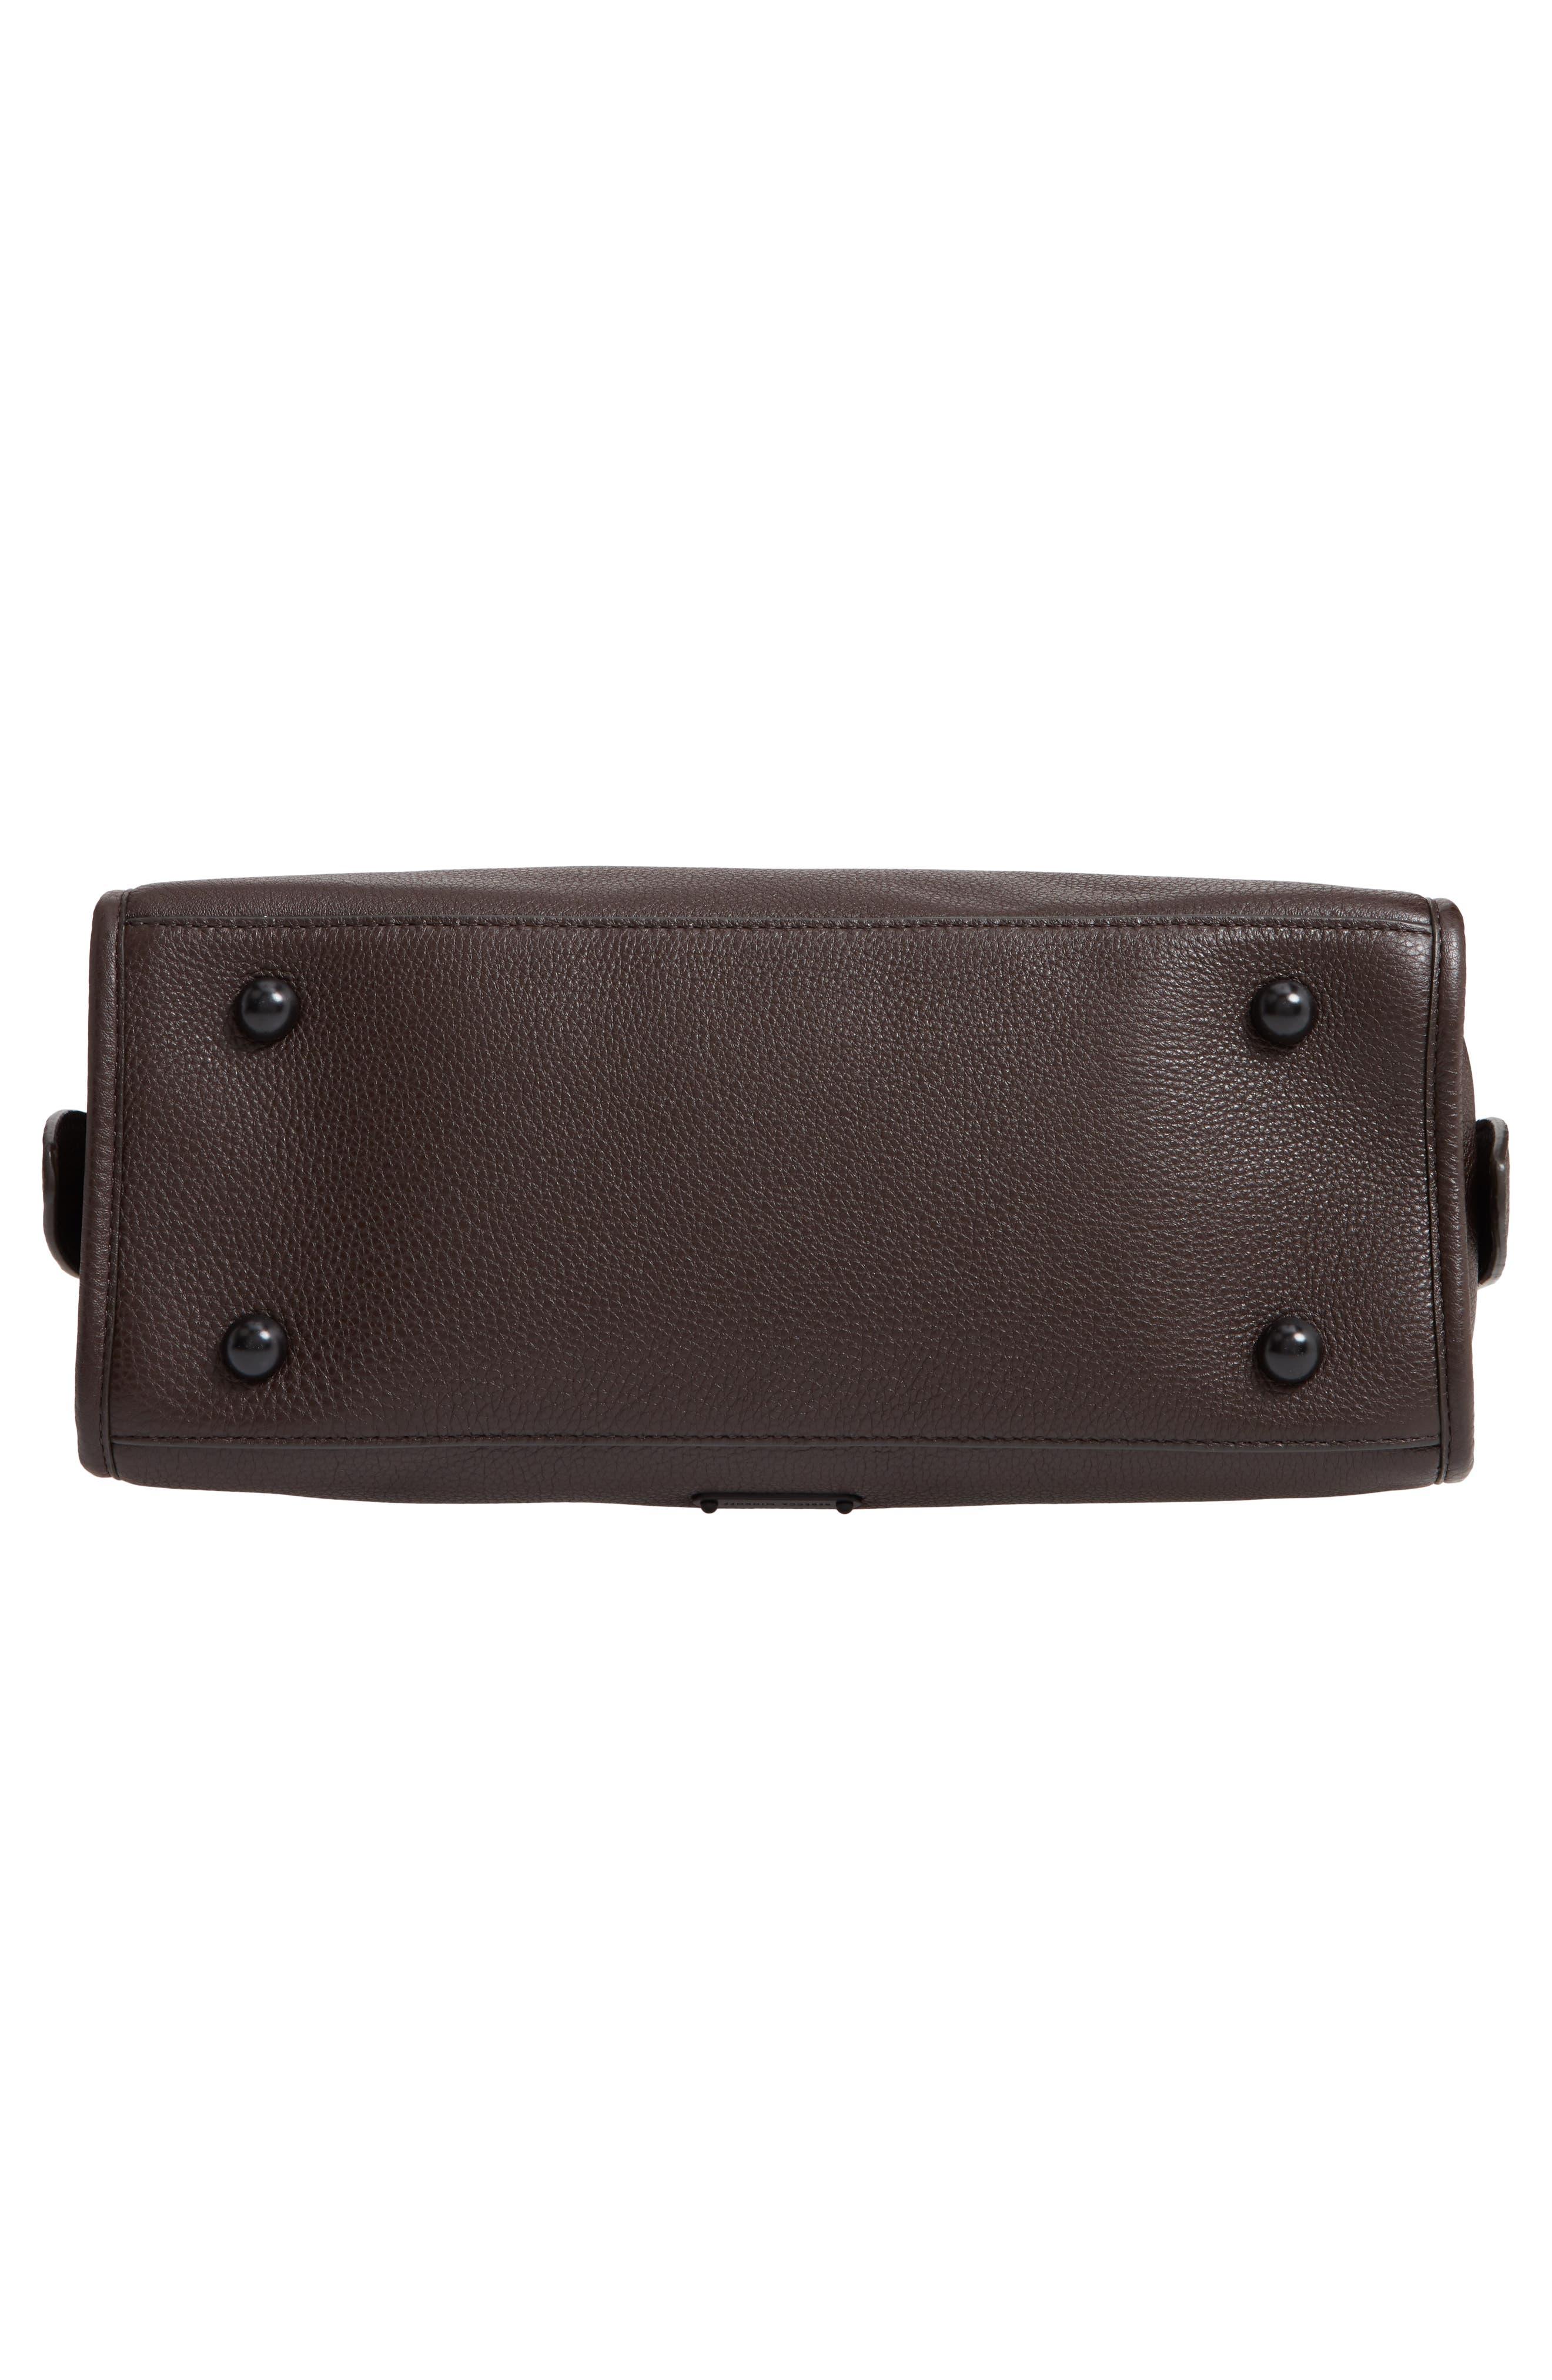 Bedford Zip Leather Satchel,                             Alternate thumbnail 6, color,                             GANACHE